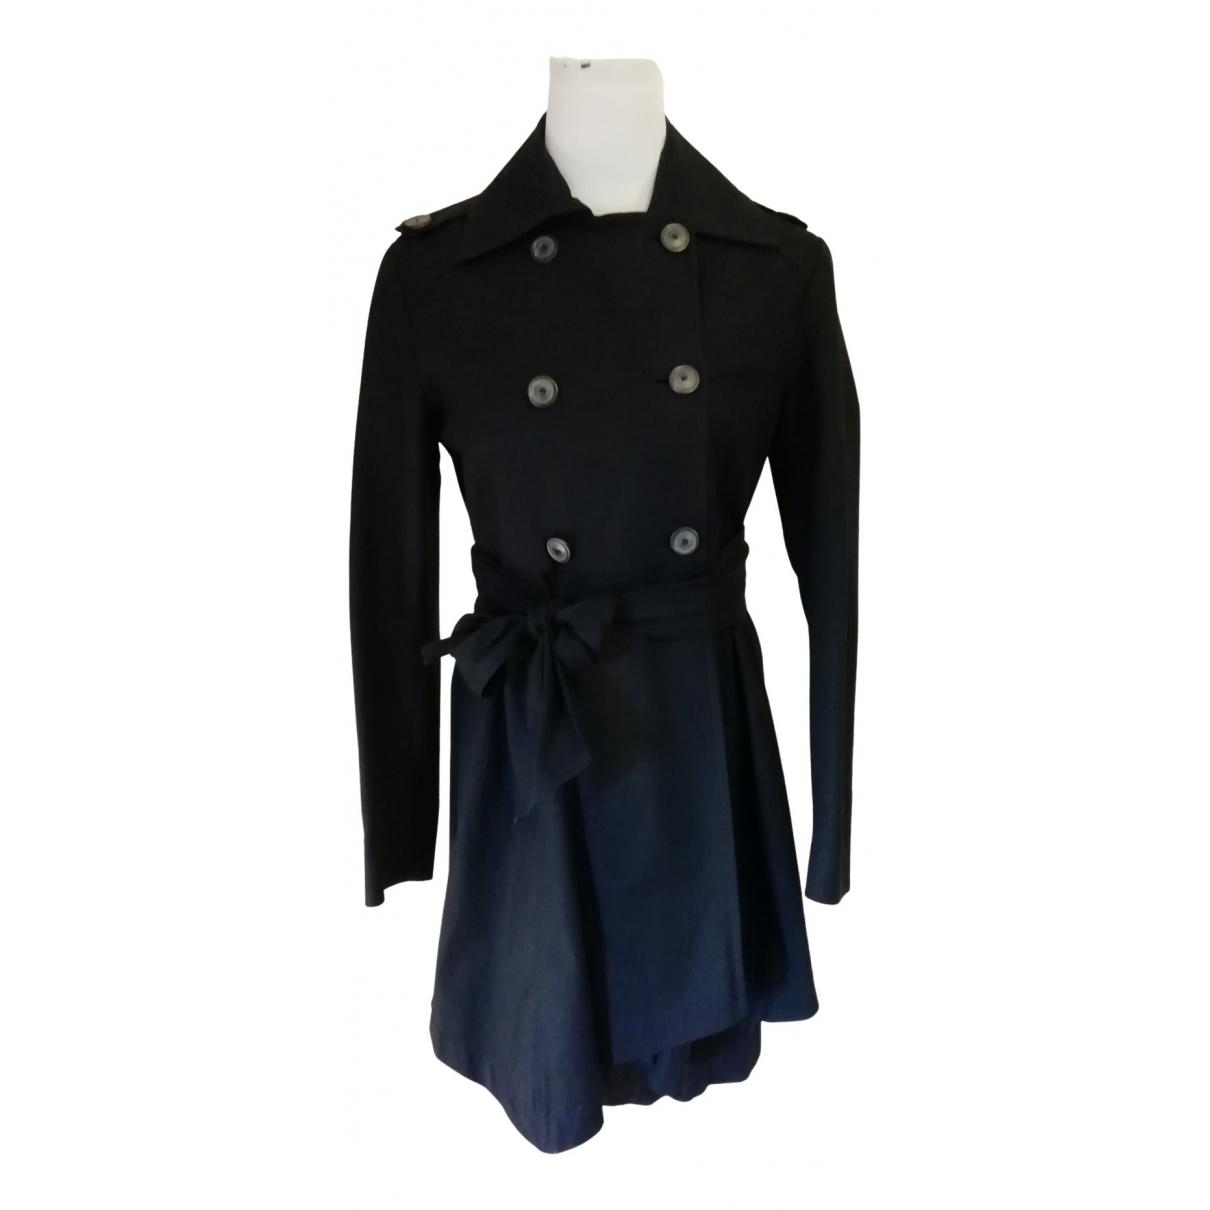 Zara N Black Cotton coat for Women 38 FR